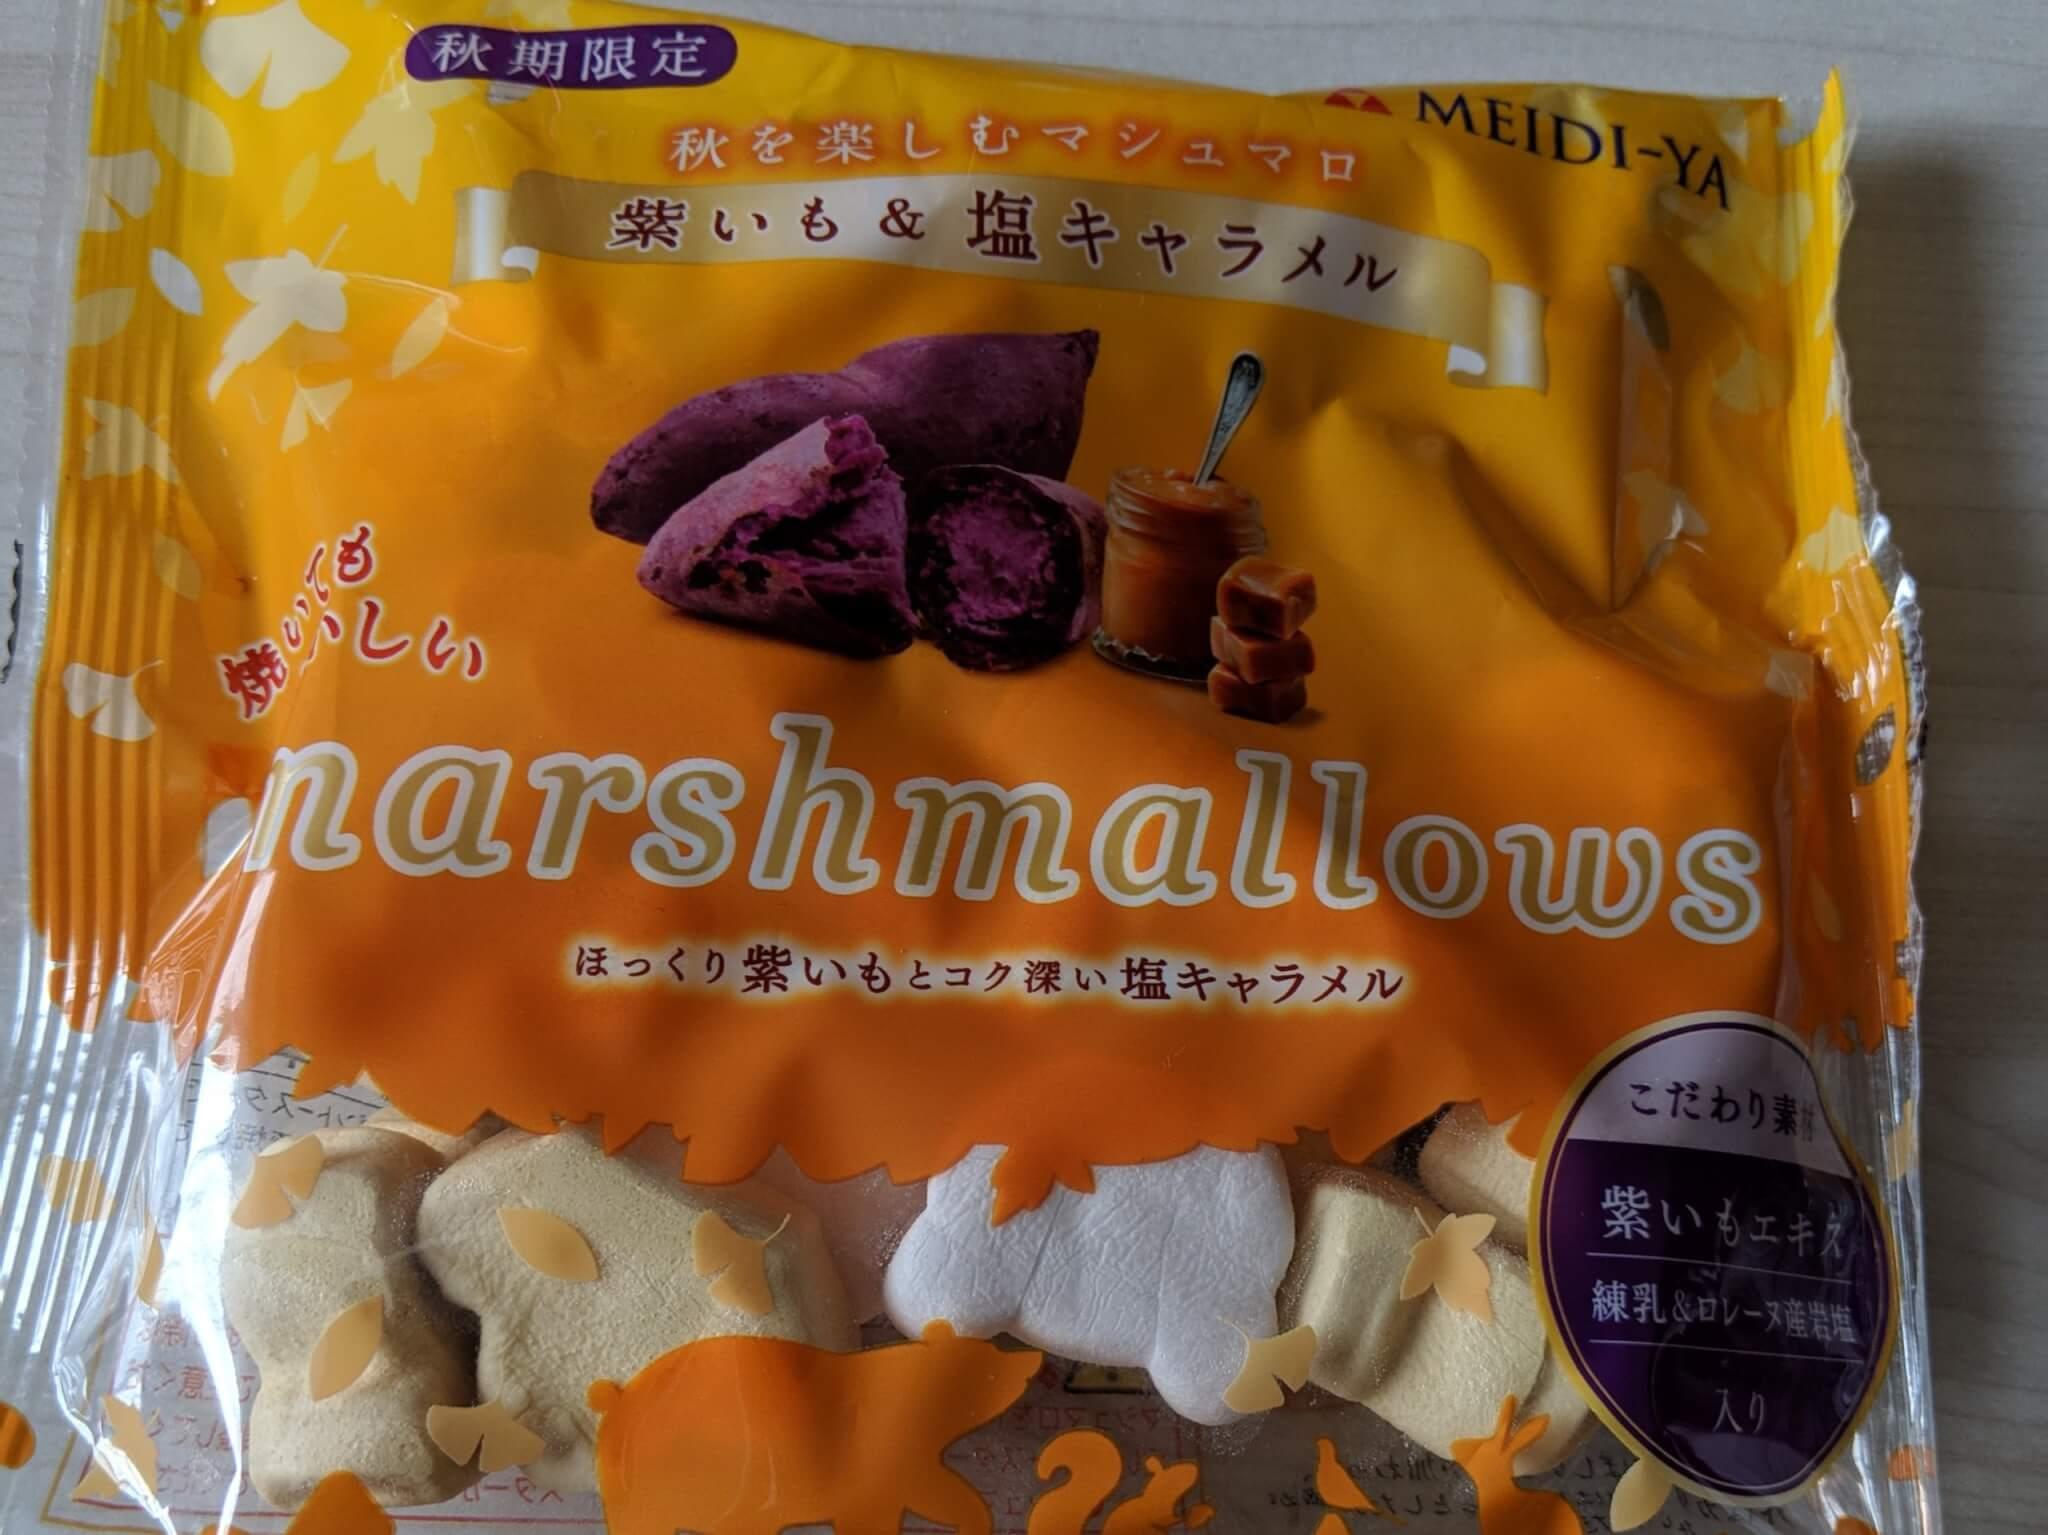 紫いも&塩キャラメル マシュマロ